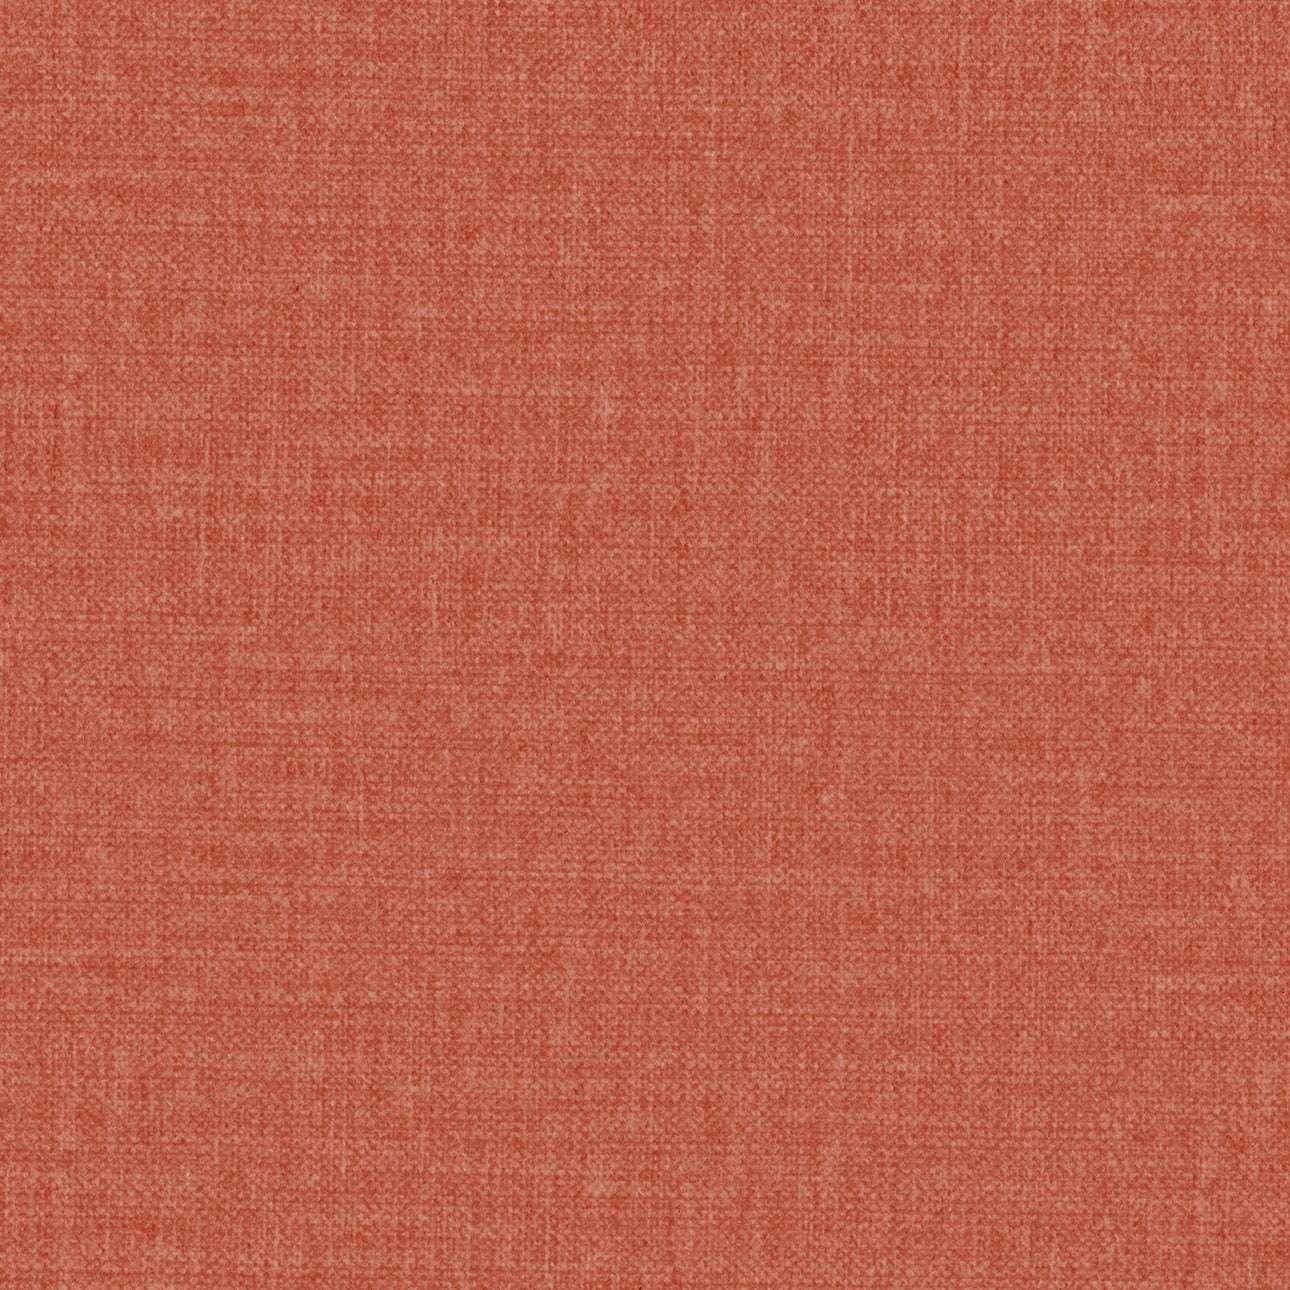 Pokrowiec na sofę Tomelilla 3-osobową nierozkładaną w kolekcji Ingrid, tkanina: 705-37